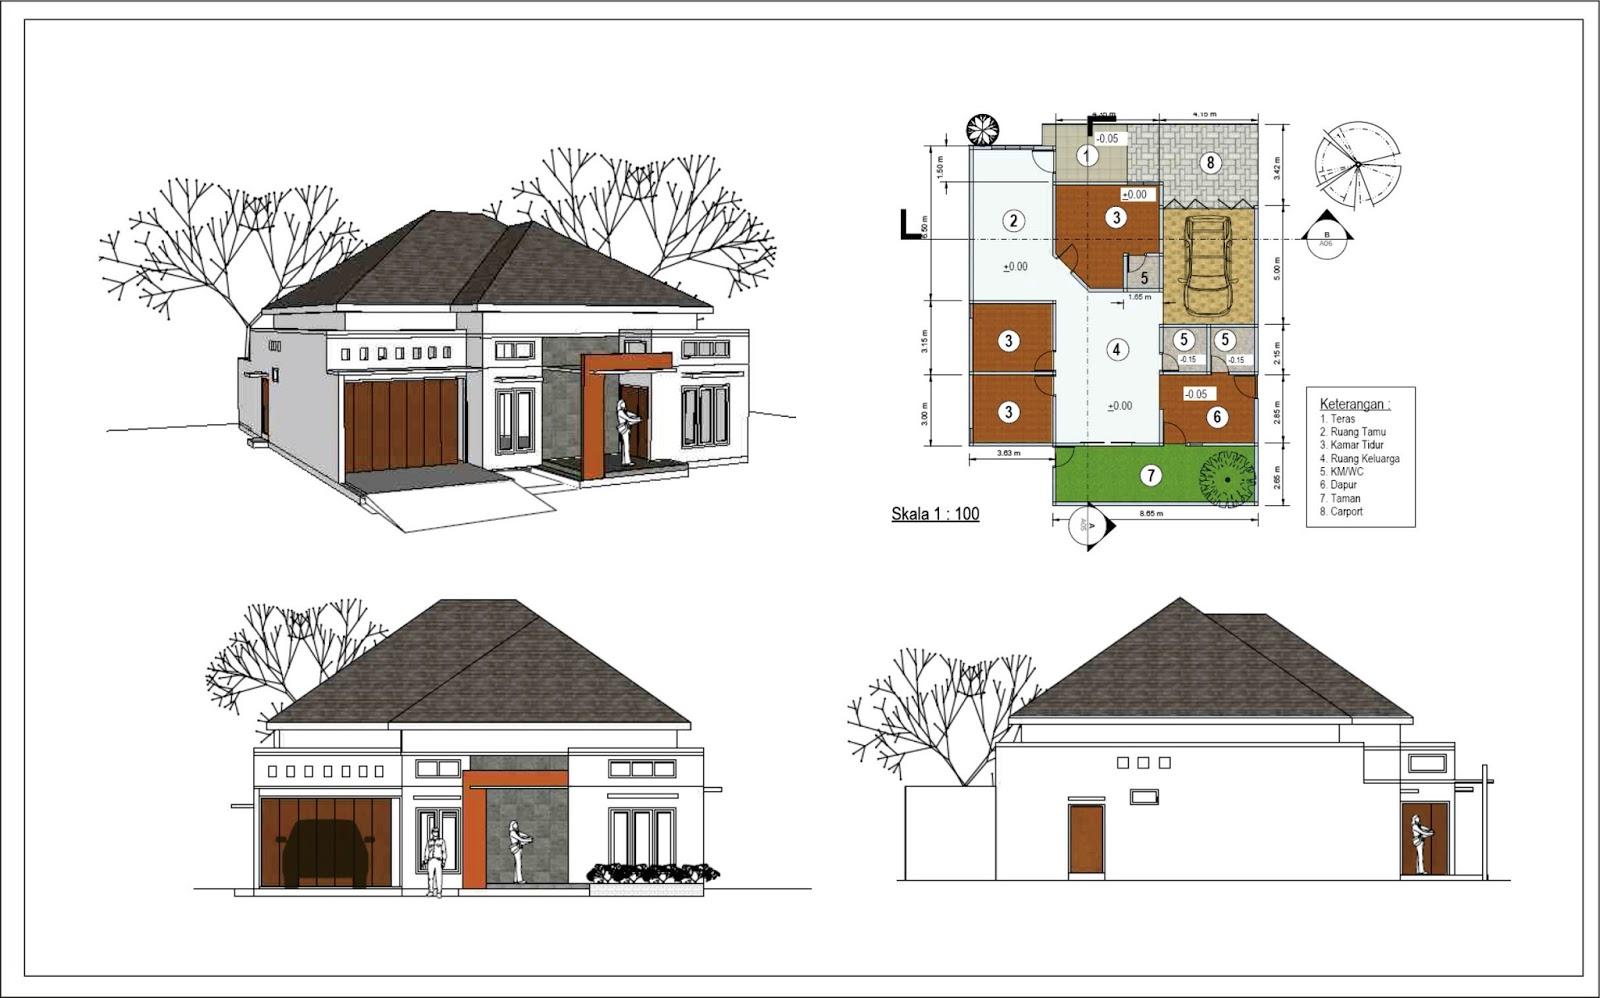 Menggambar Desain Rumah dengan Sketchup